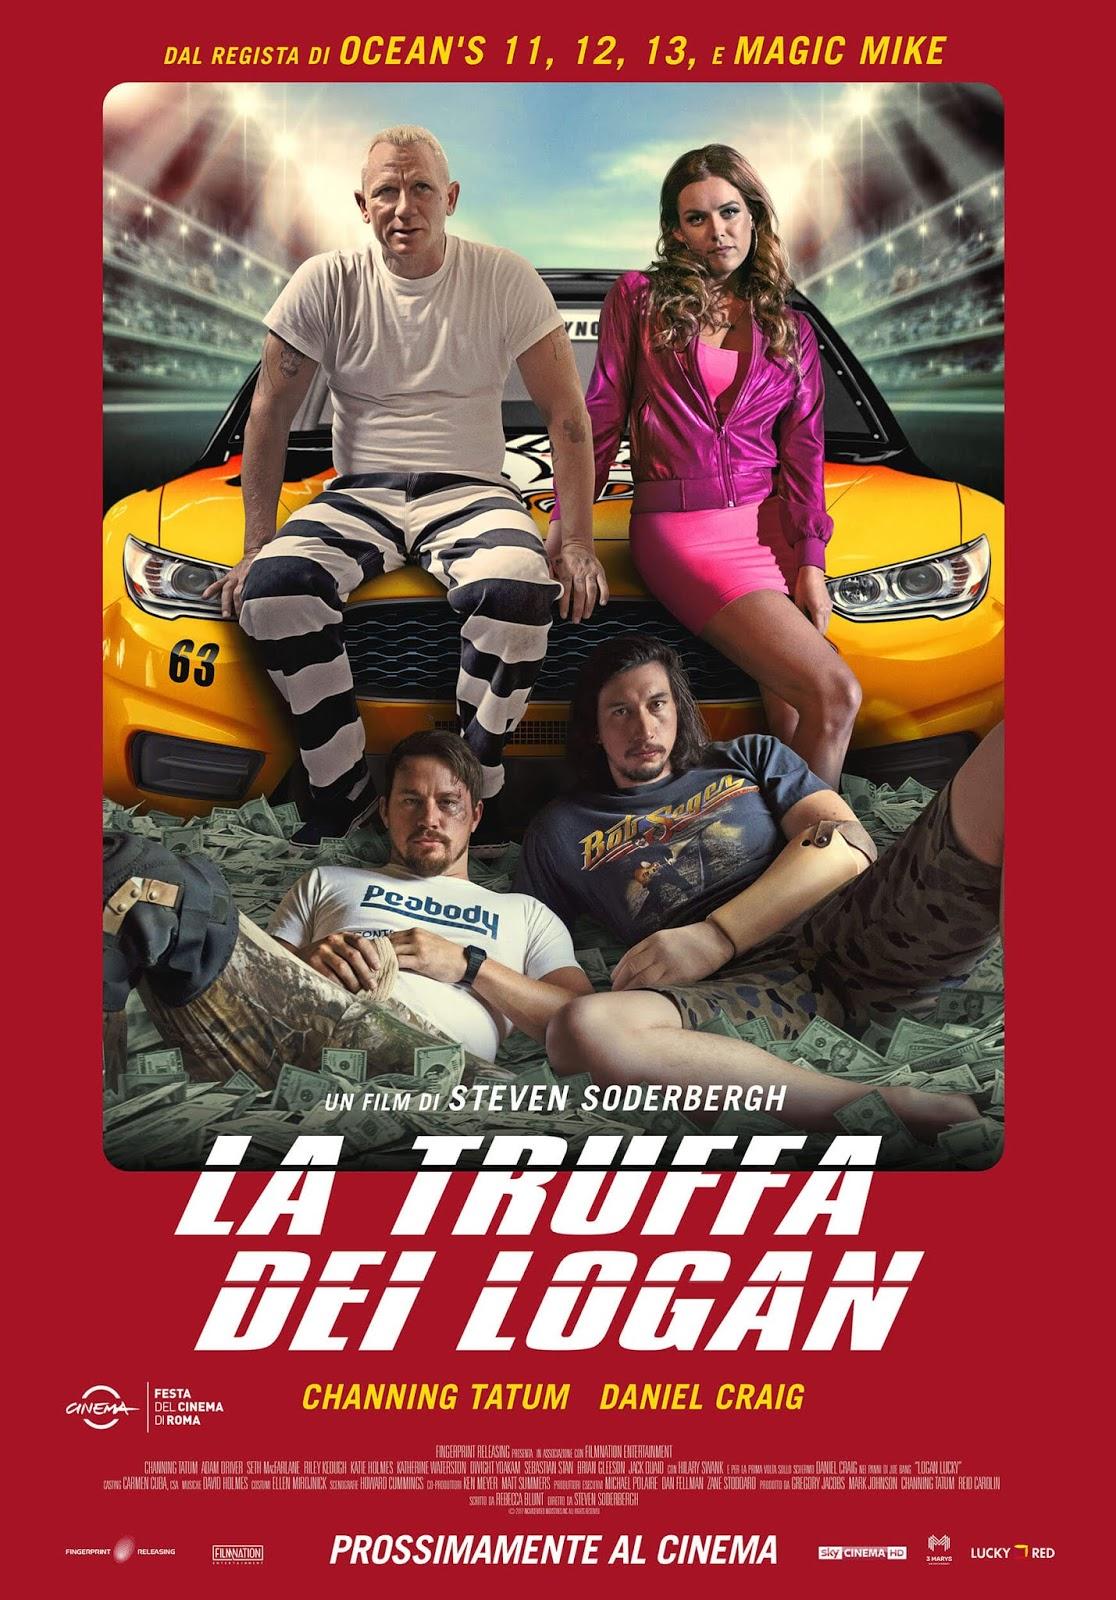 Locandina rossa de 'La Truffa dei Logan' di Steven Soderbergh